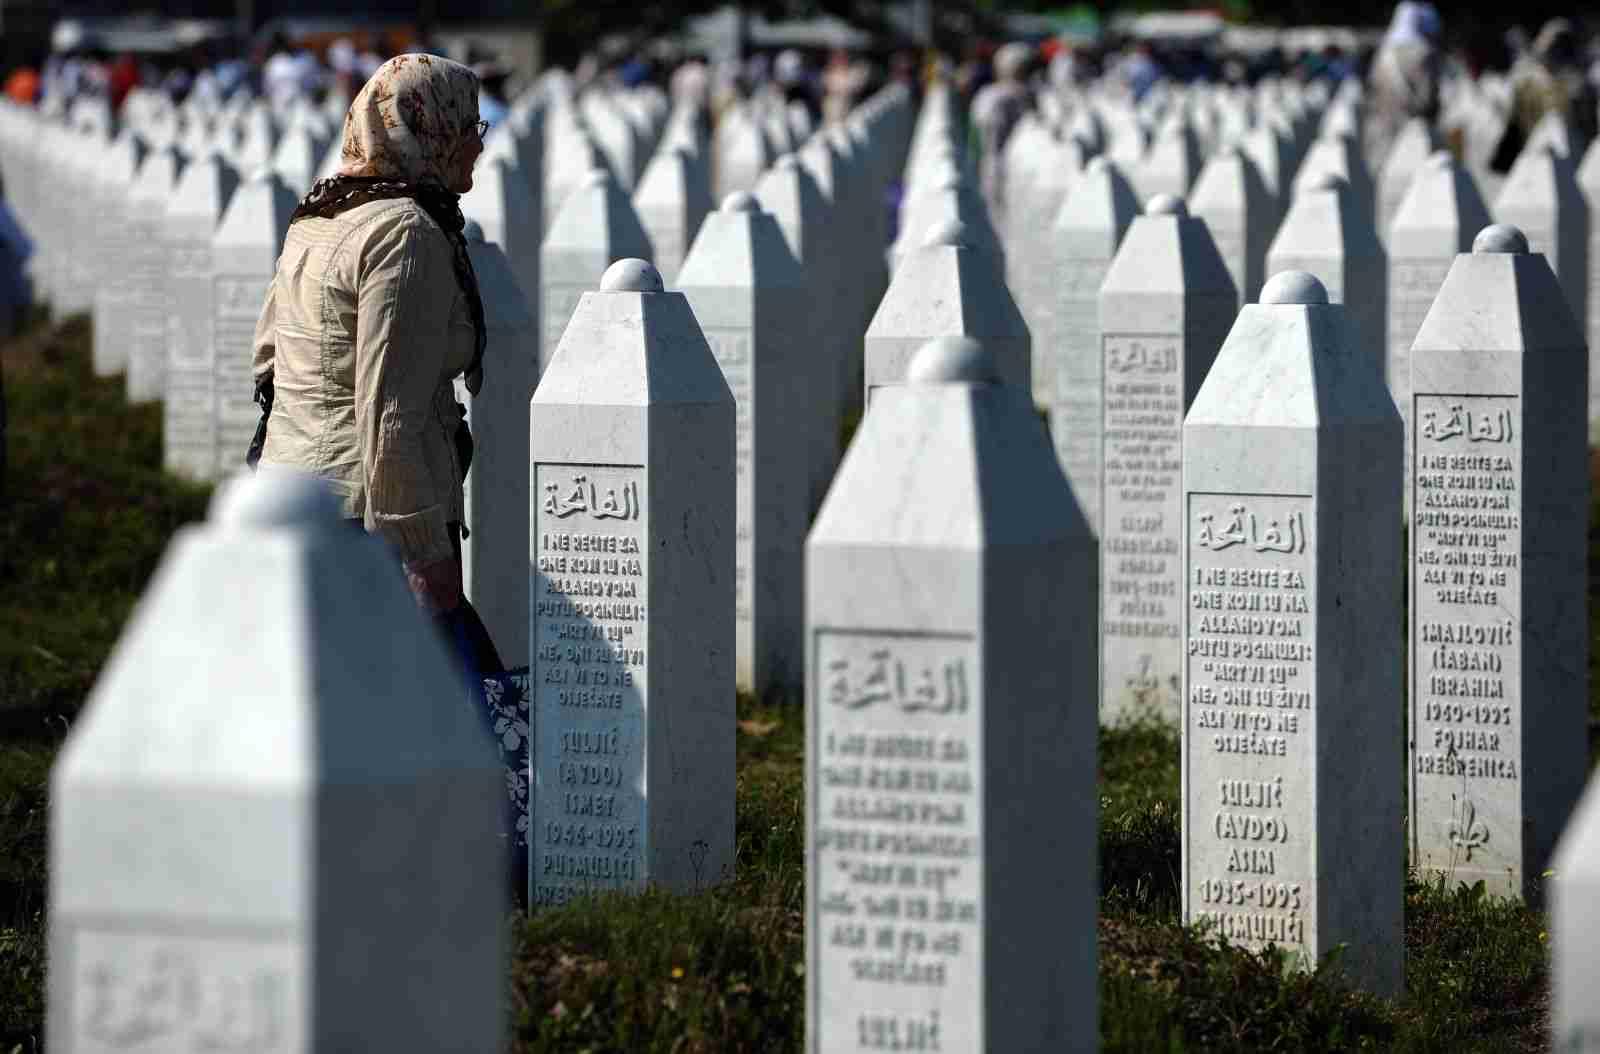 bosnia uk network: komemoracija povodom 24. godišnjice genocida u srebrenici